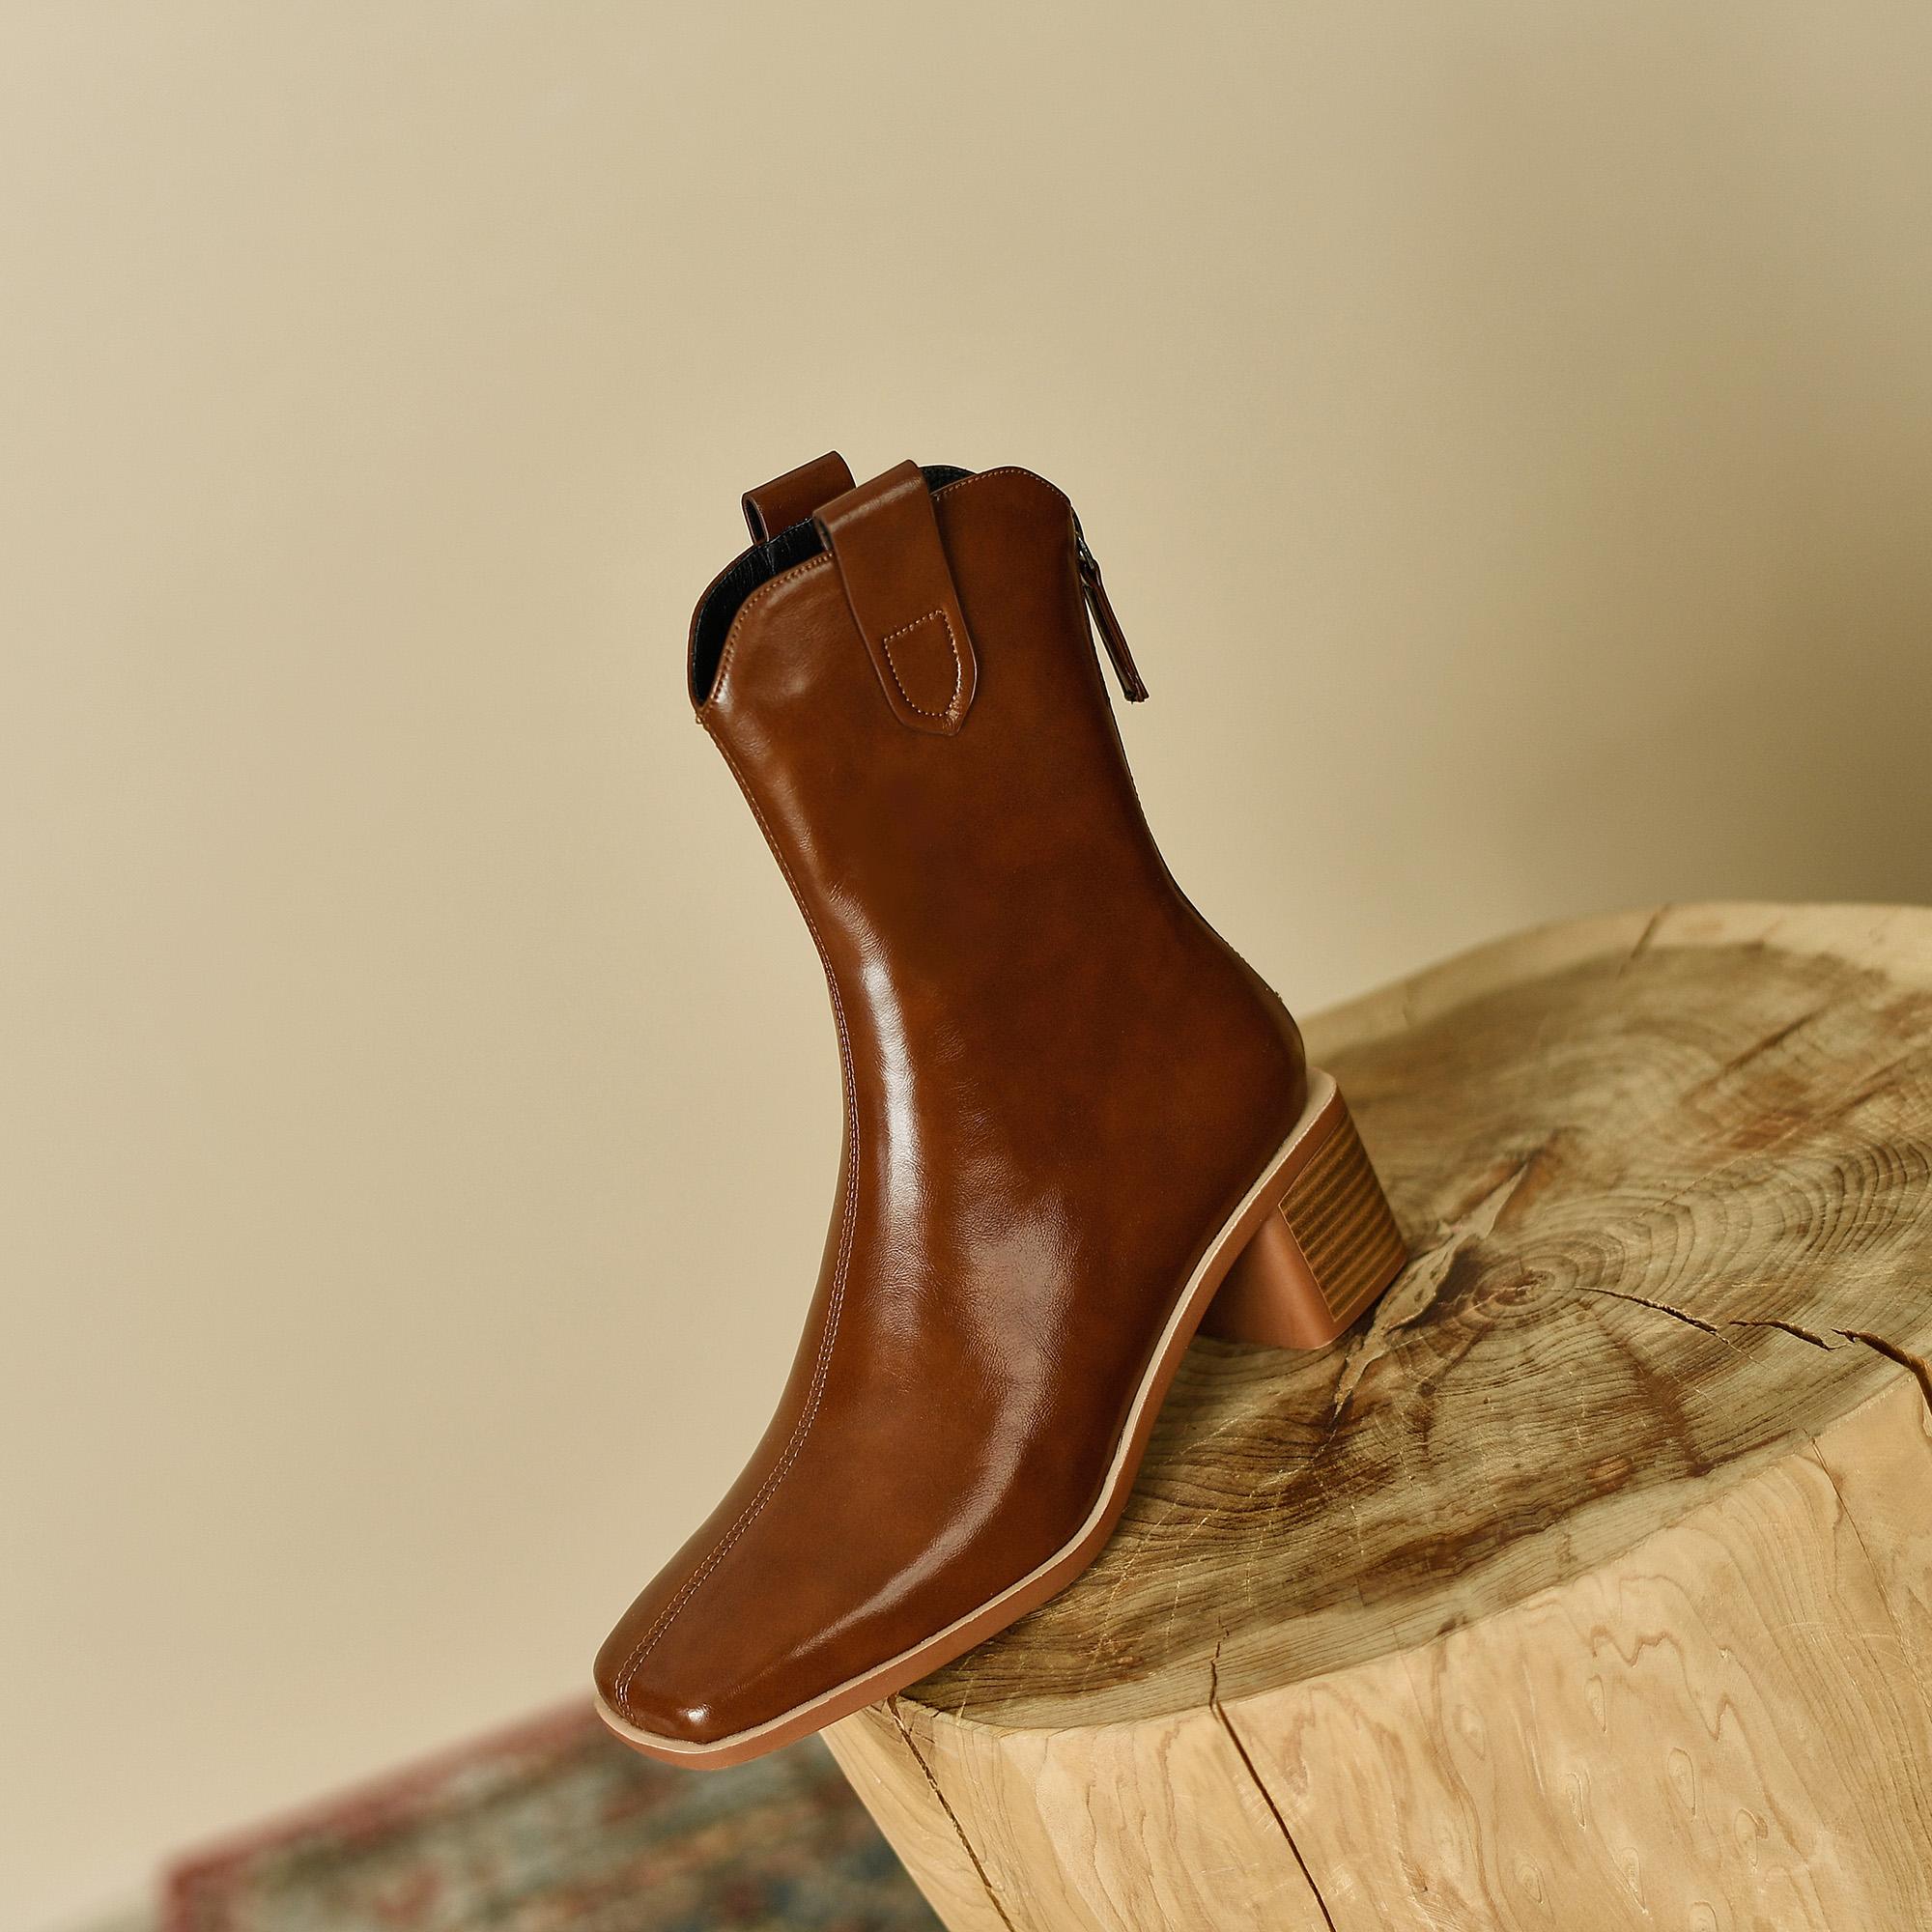 2021冬季新款西部牛仔靴棕色复古粗跟单靴真皮方头短筒靴及裸靴